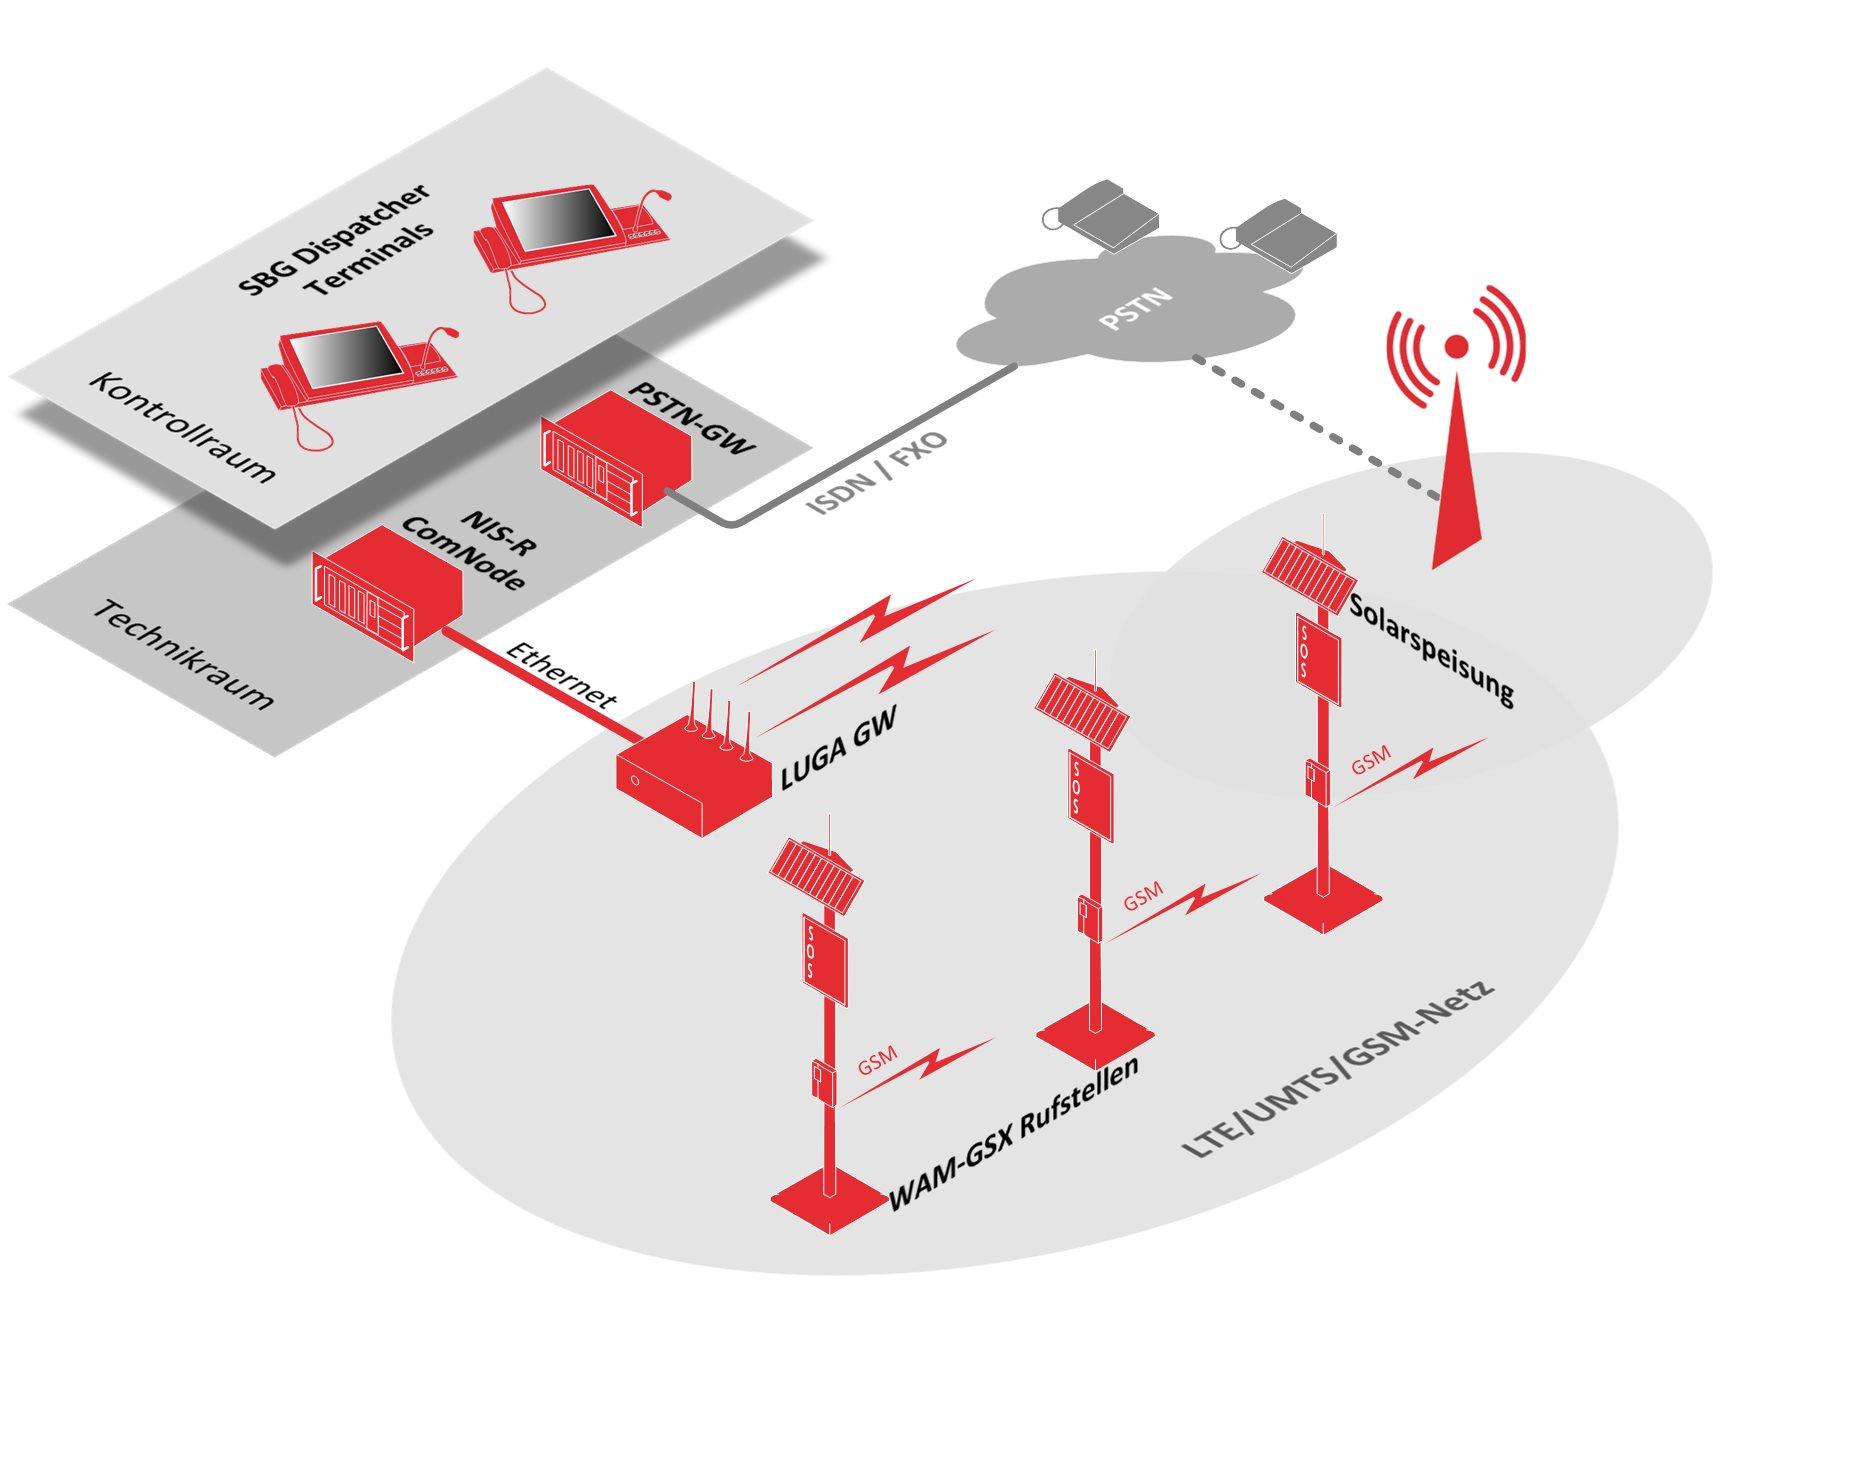 Drahtlose GSM-Rufstellen mit Solarspeisung